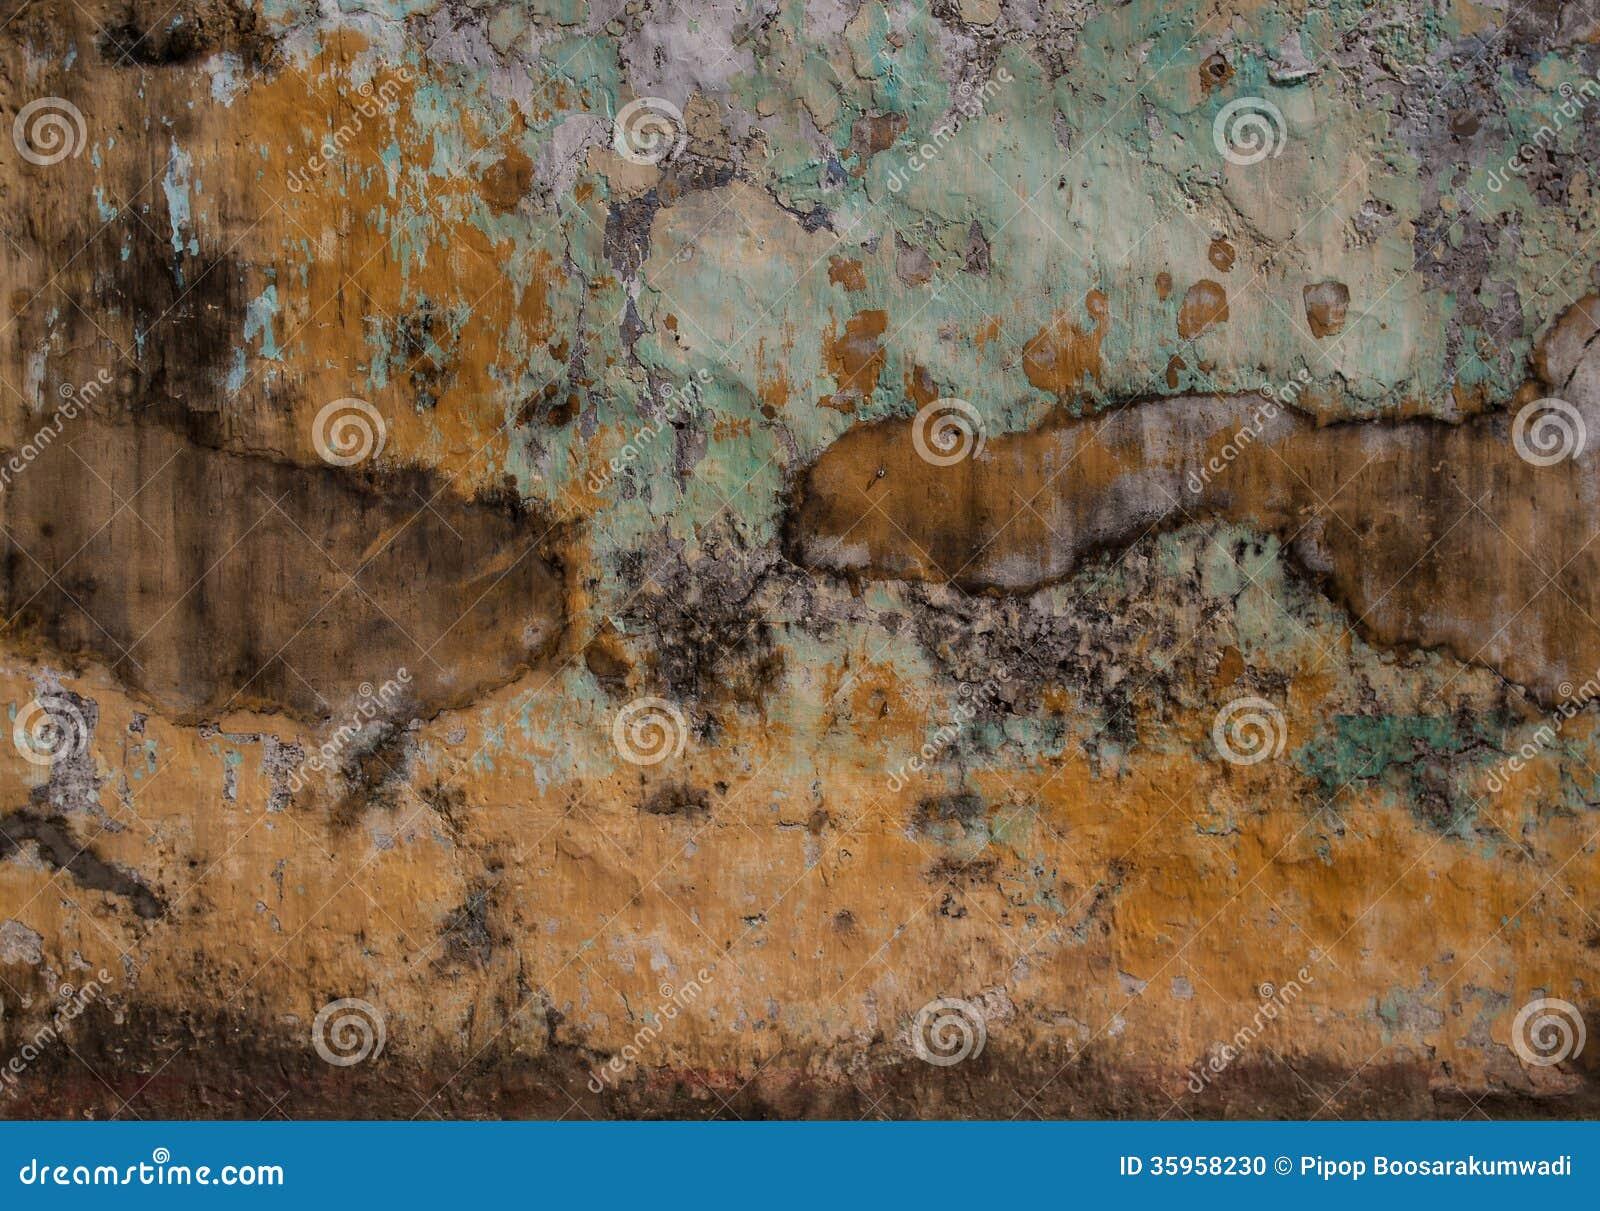 Fondo, extracto o textura de la pared.